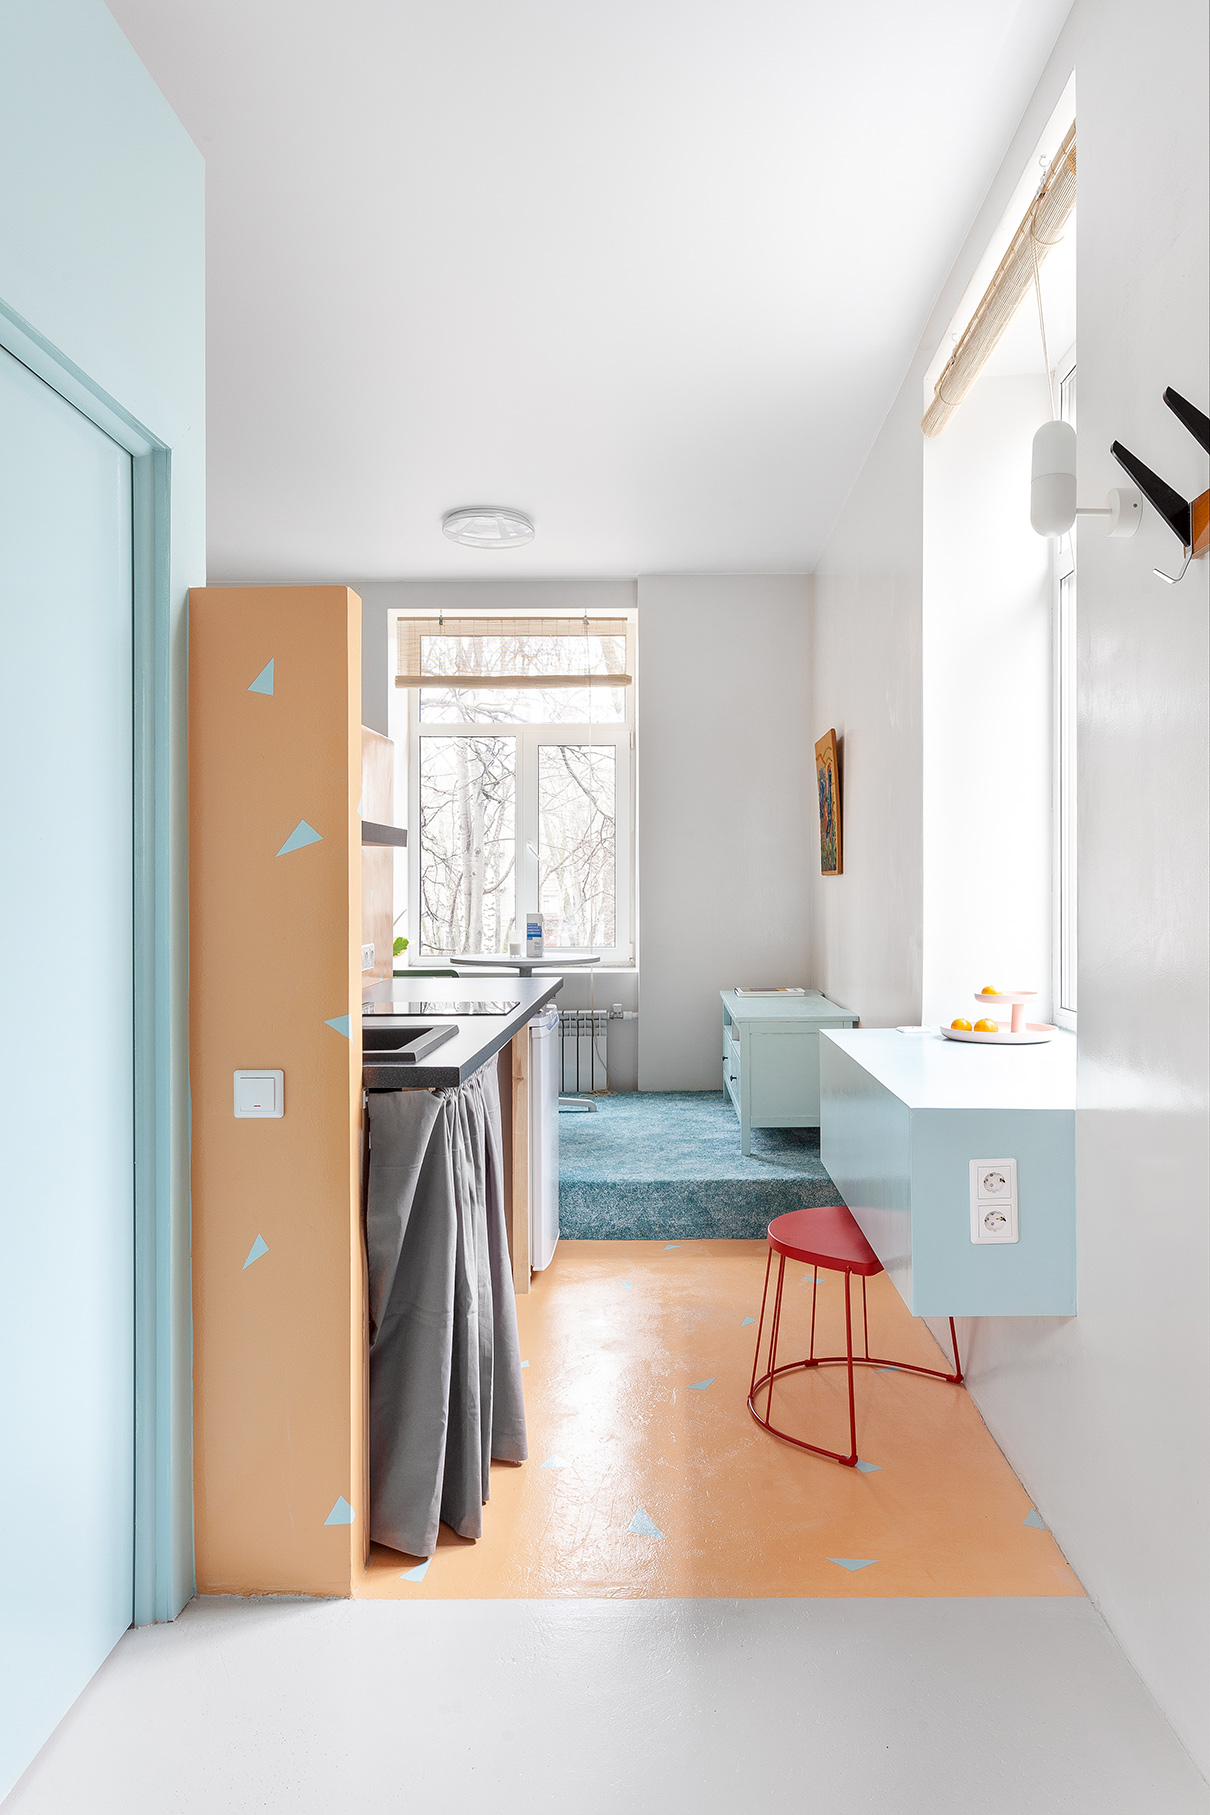 За счет перепада высот часть пространства находится на подиуме —таким образомкухня отделена от гостиной зоны